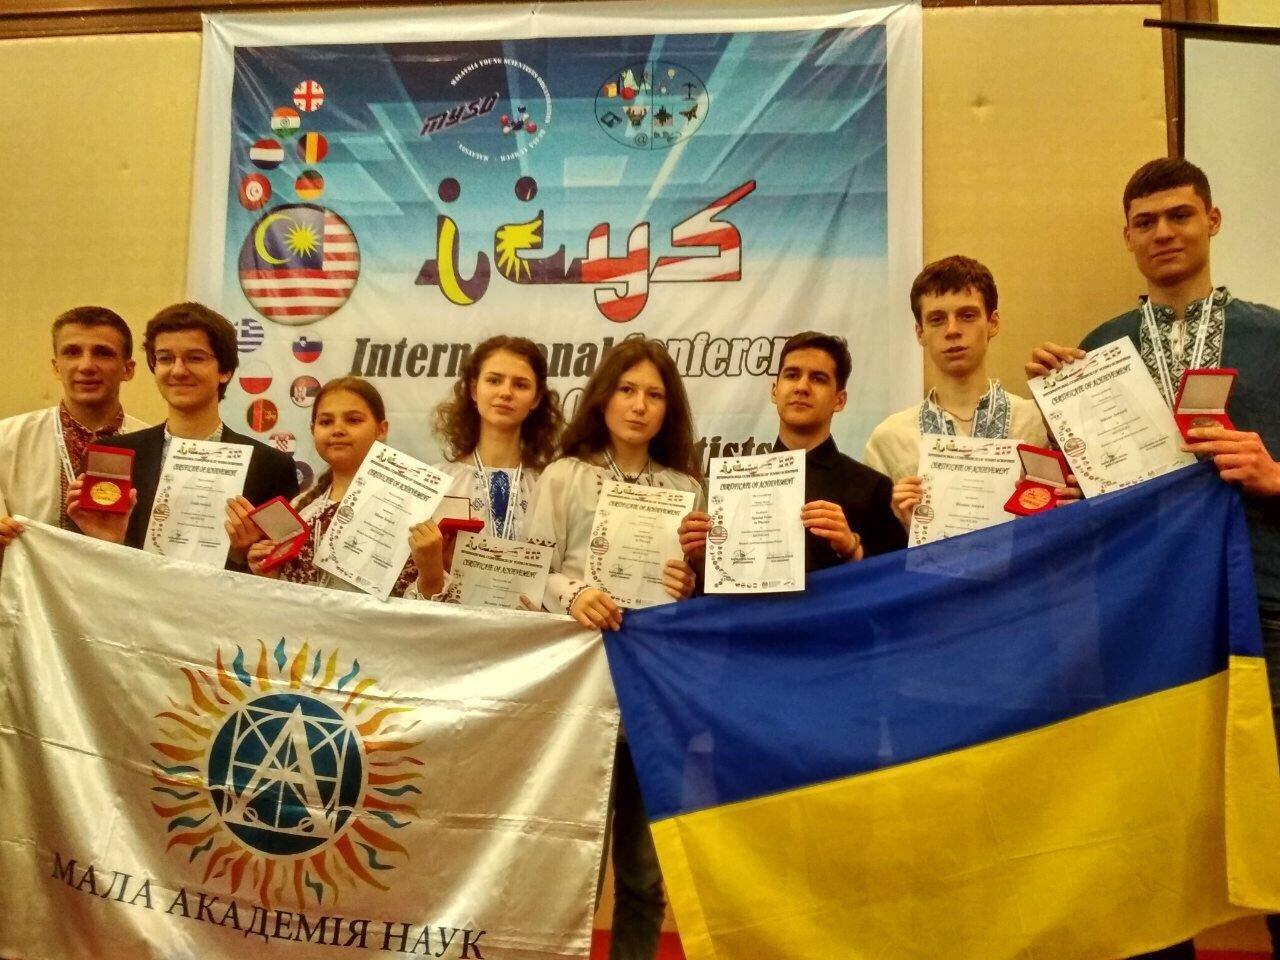 Дмитро Лопушанський (другий зліва), фото з сайту МОН України